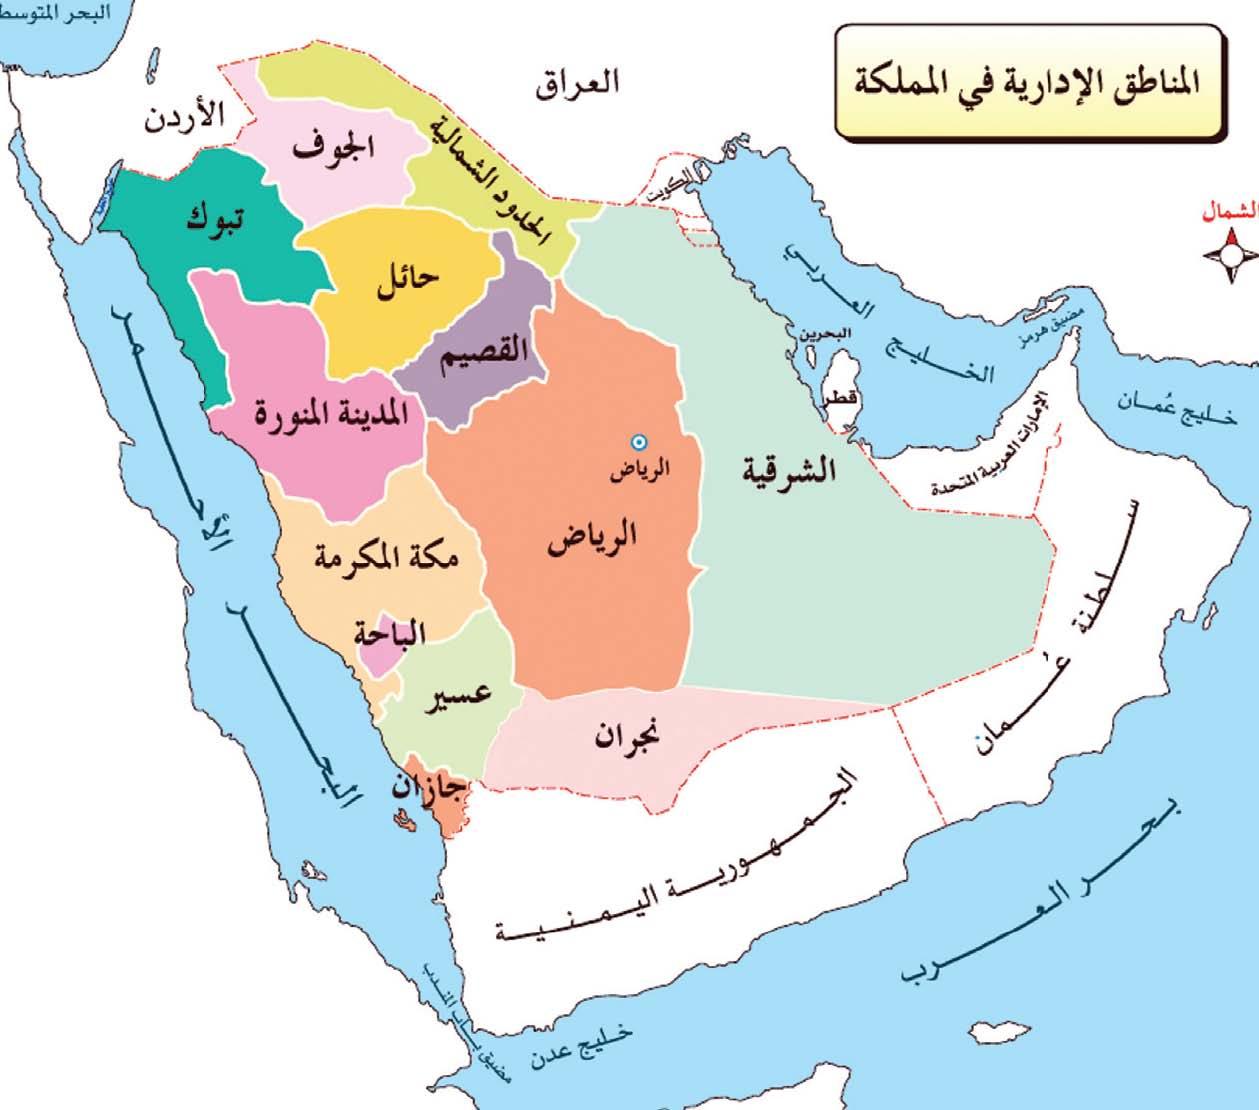 مناطق المملكة والمدن التابعة لها المرسال